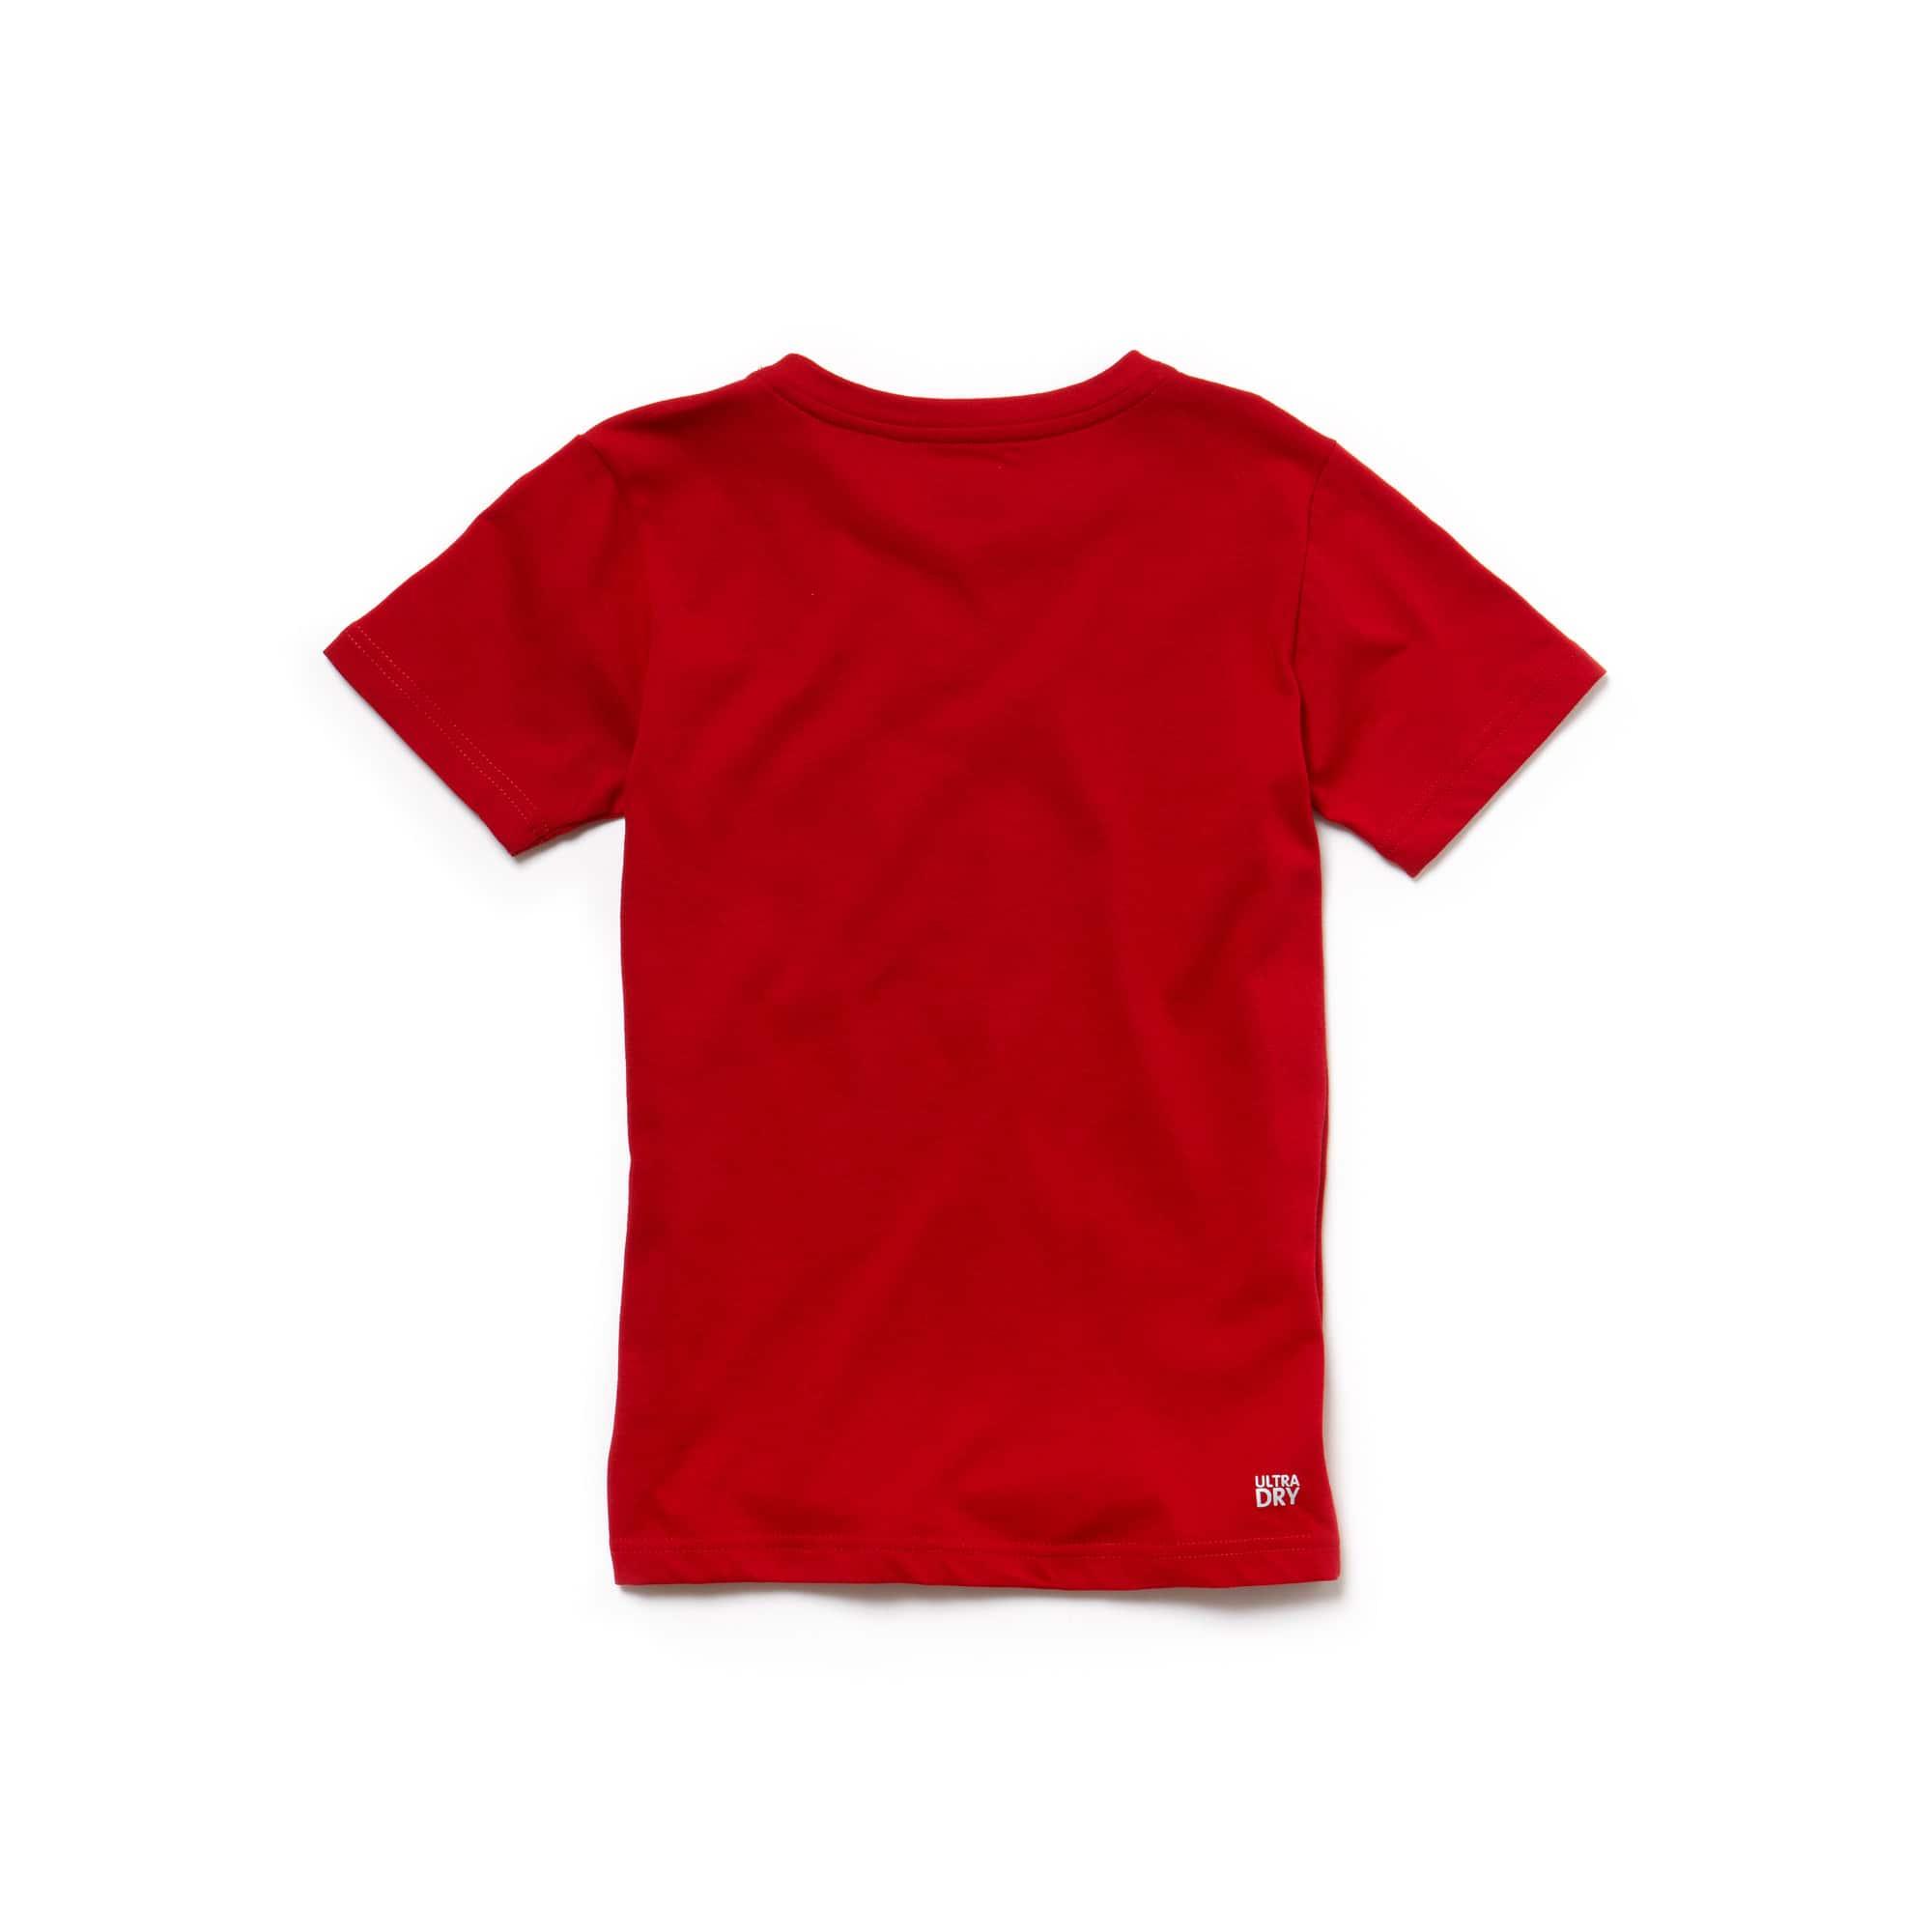 Lacoste - Camiseta De Niño Lacoste SPORT Tennis En Tejido De Punto Técnico Con Inscripción Lacoste - 2